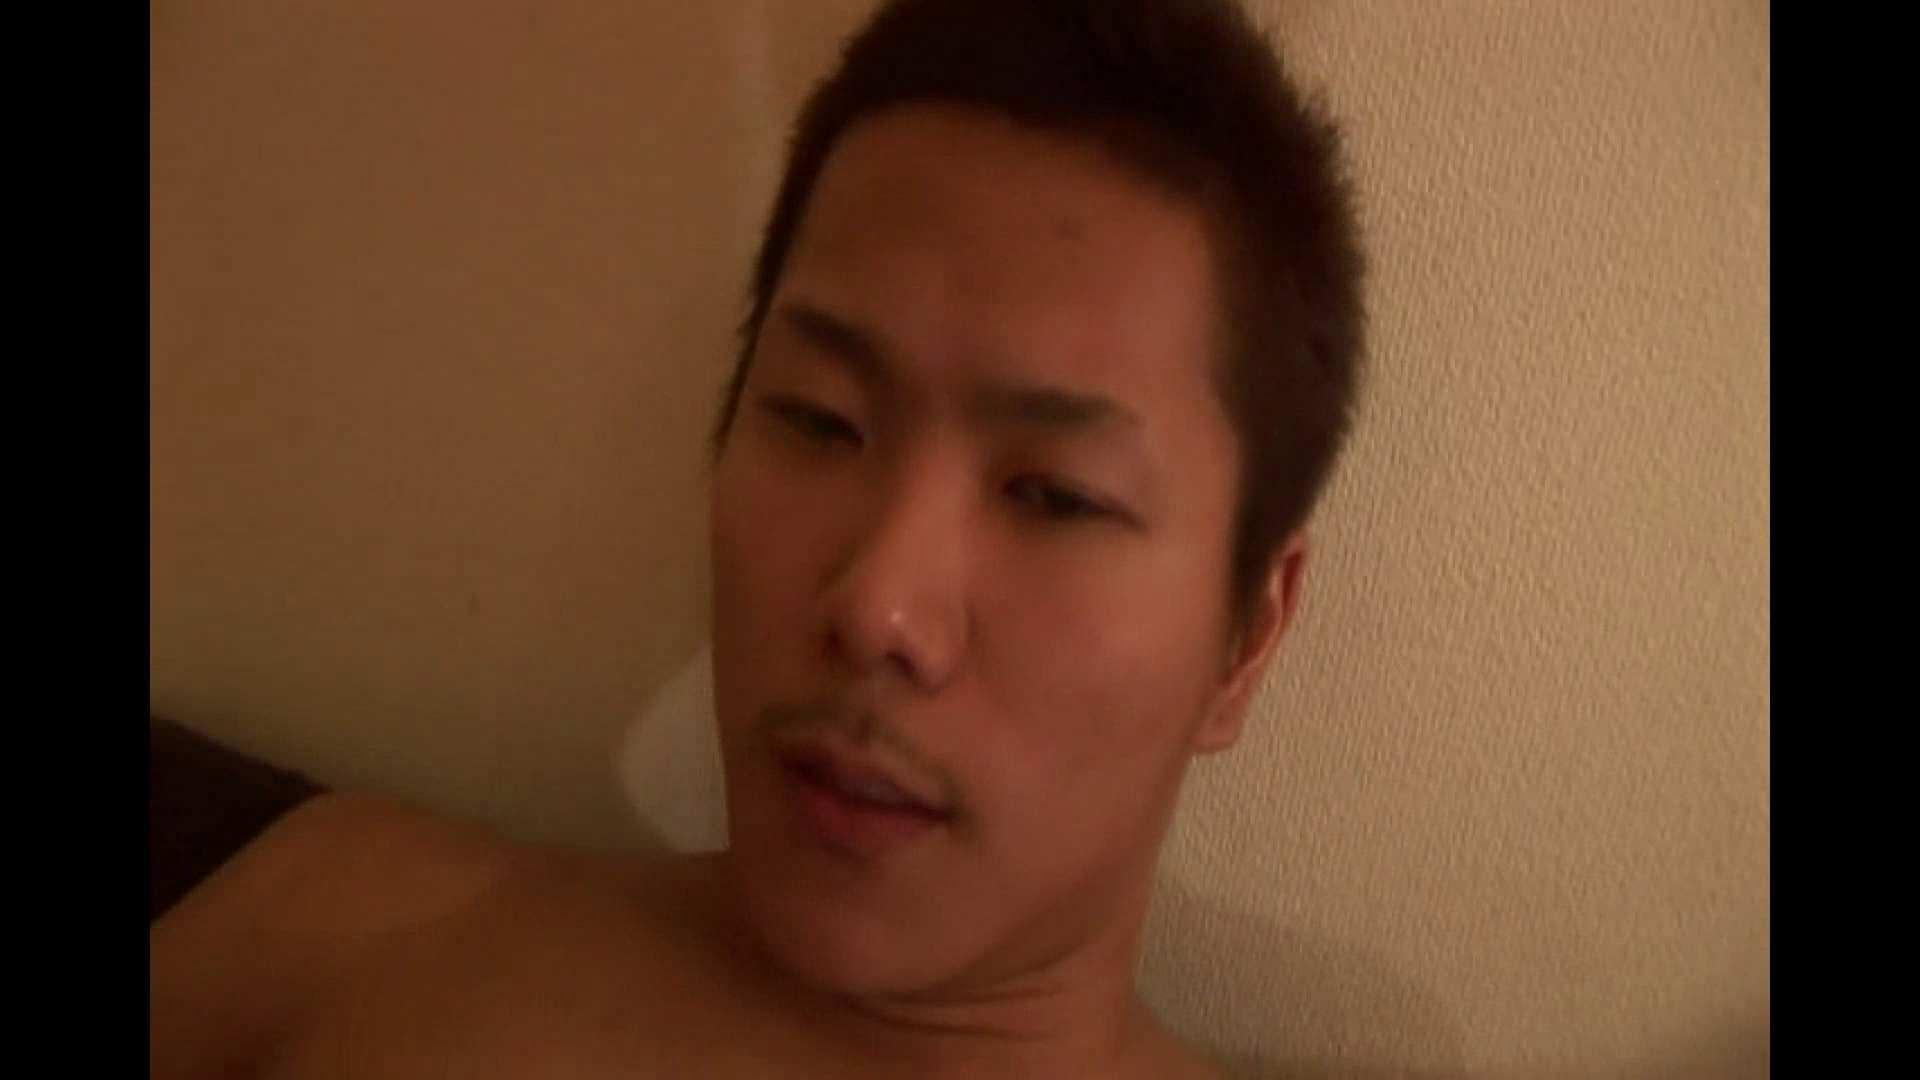 ノンケイケメンの欲望と肉棒 Vol.9 イケメンのゲイ達  89枚 60